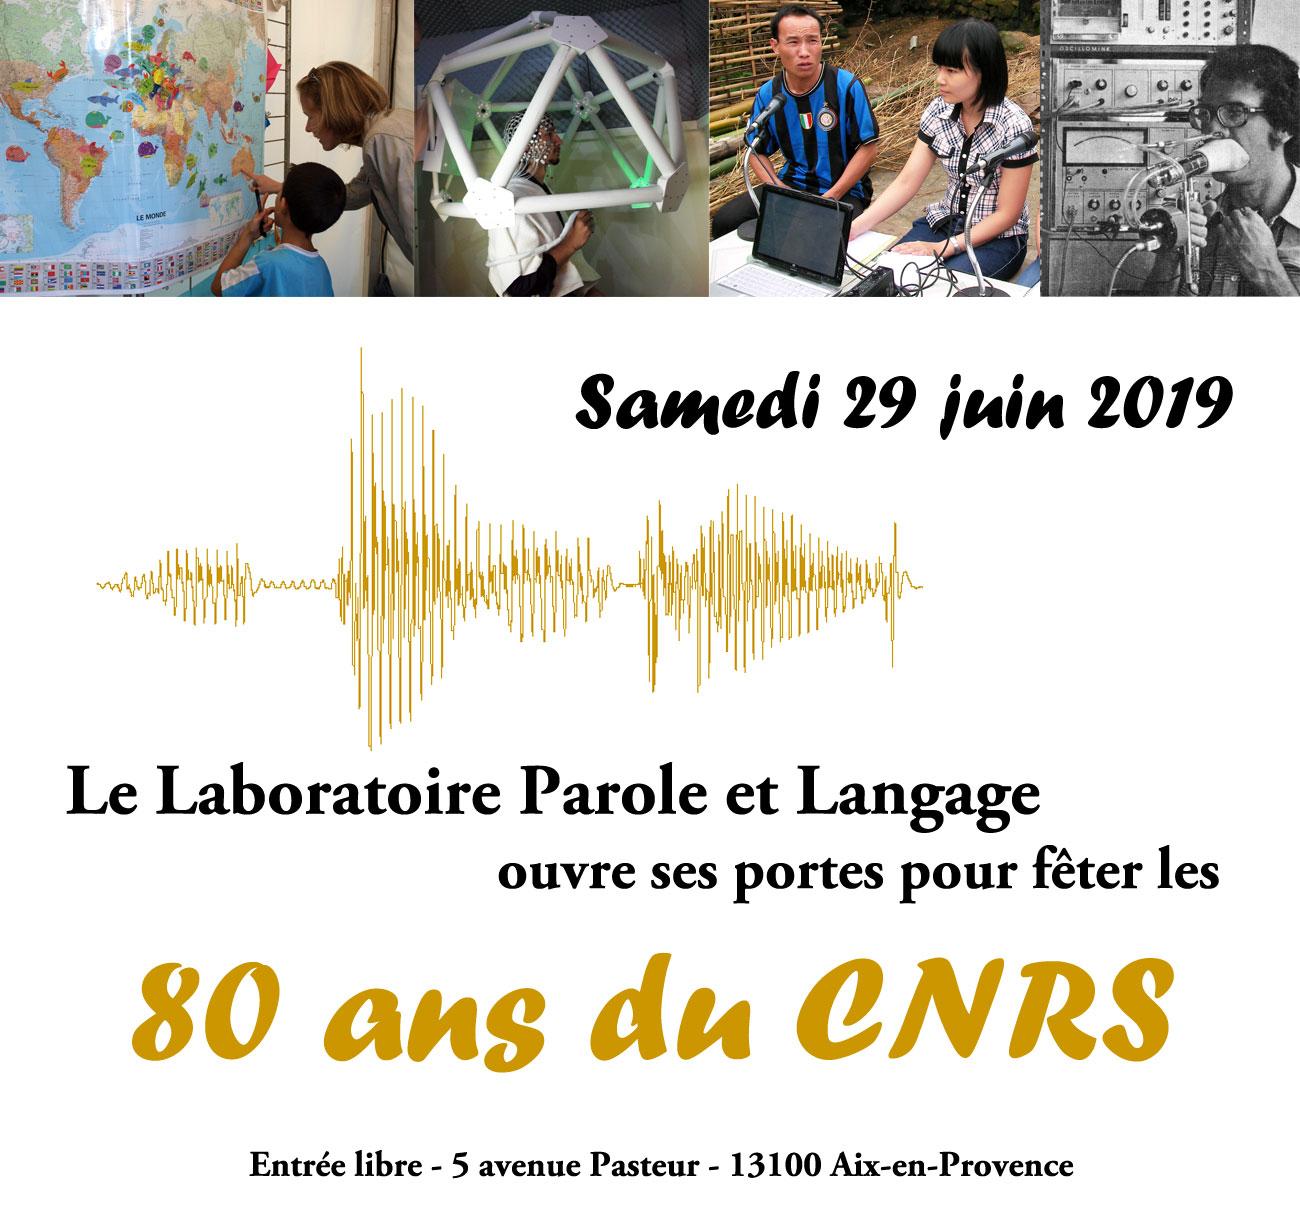 Le Laboratoire Parole et Langage ouvre ses portes pour fêter les 80 ans du CNRS